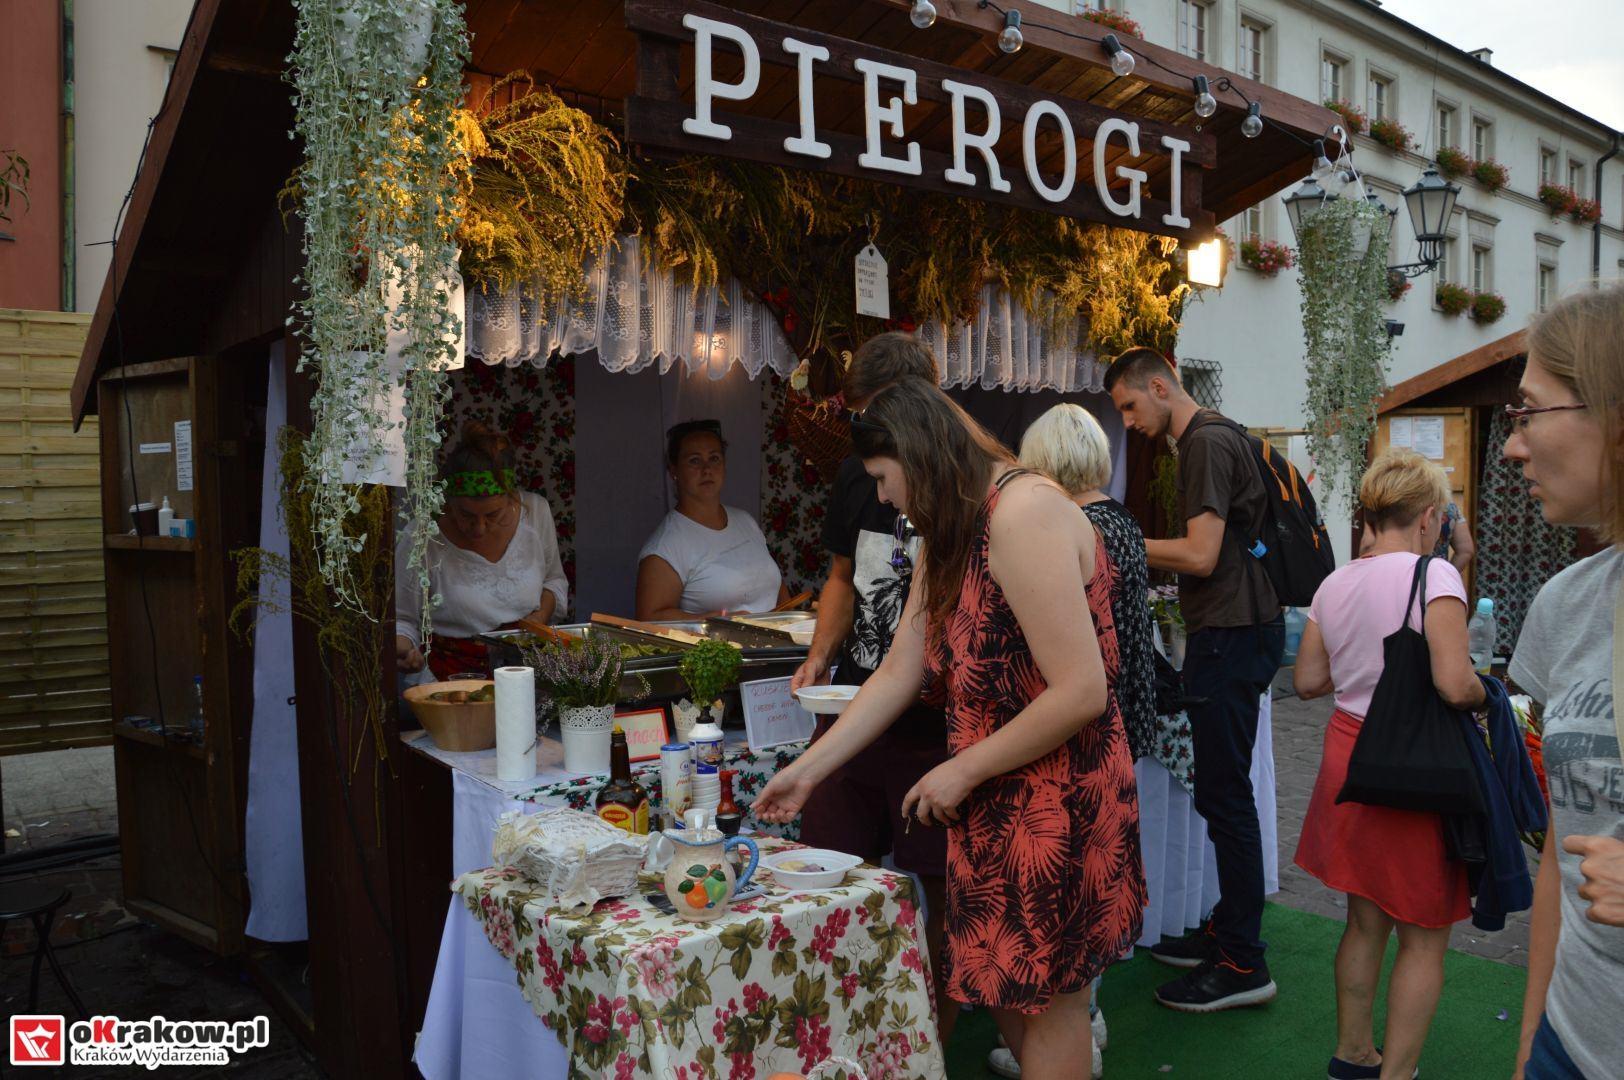 krakow festiwal pierogow maly rynek koncert cheap tobacco 20 150x150 - Galeria zdjęć Festiwal Pierogów Kraków 2018 + zdjęcia z koncertu Cheap Tobacco